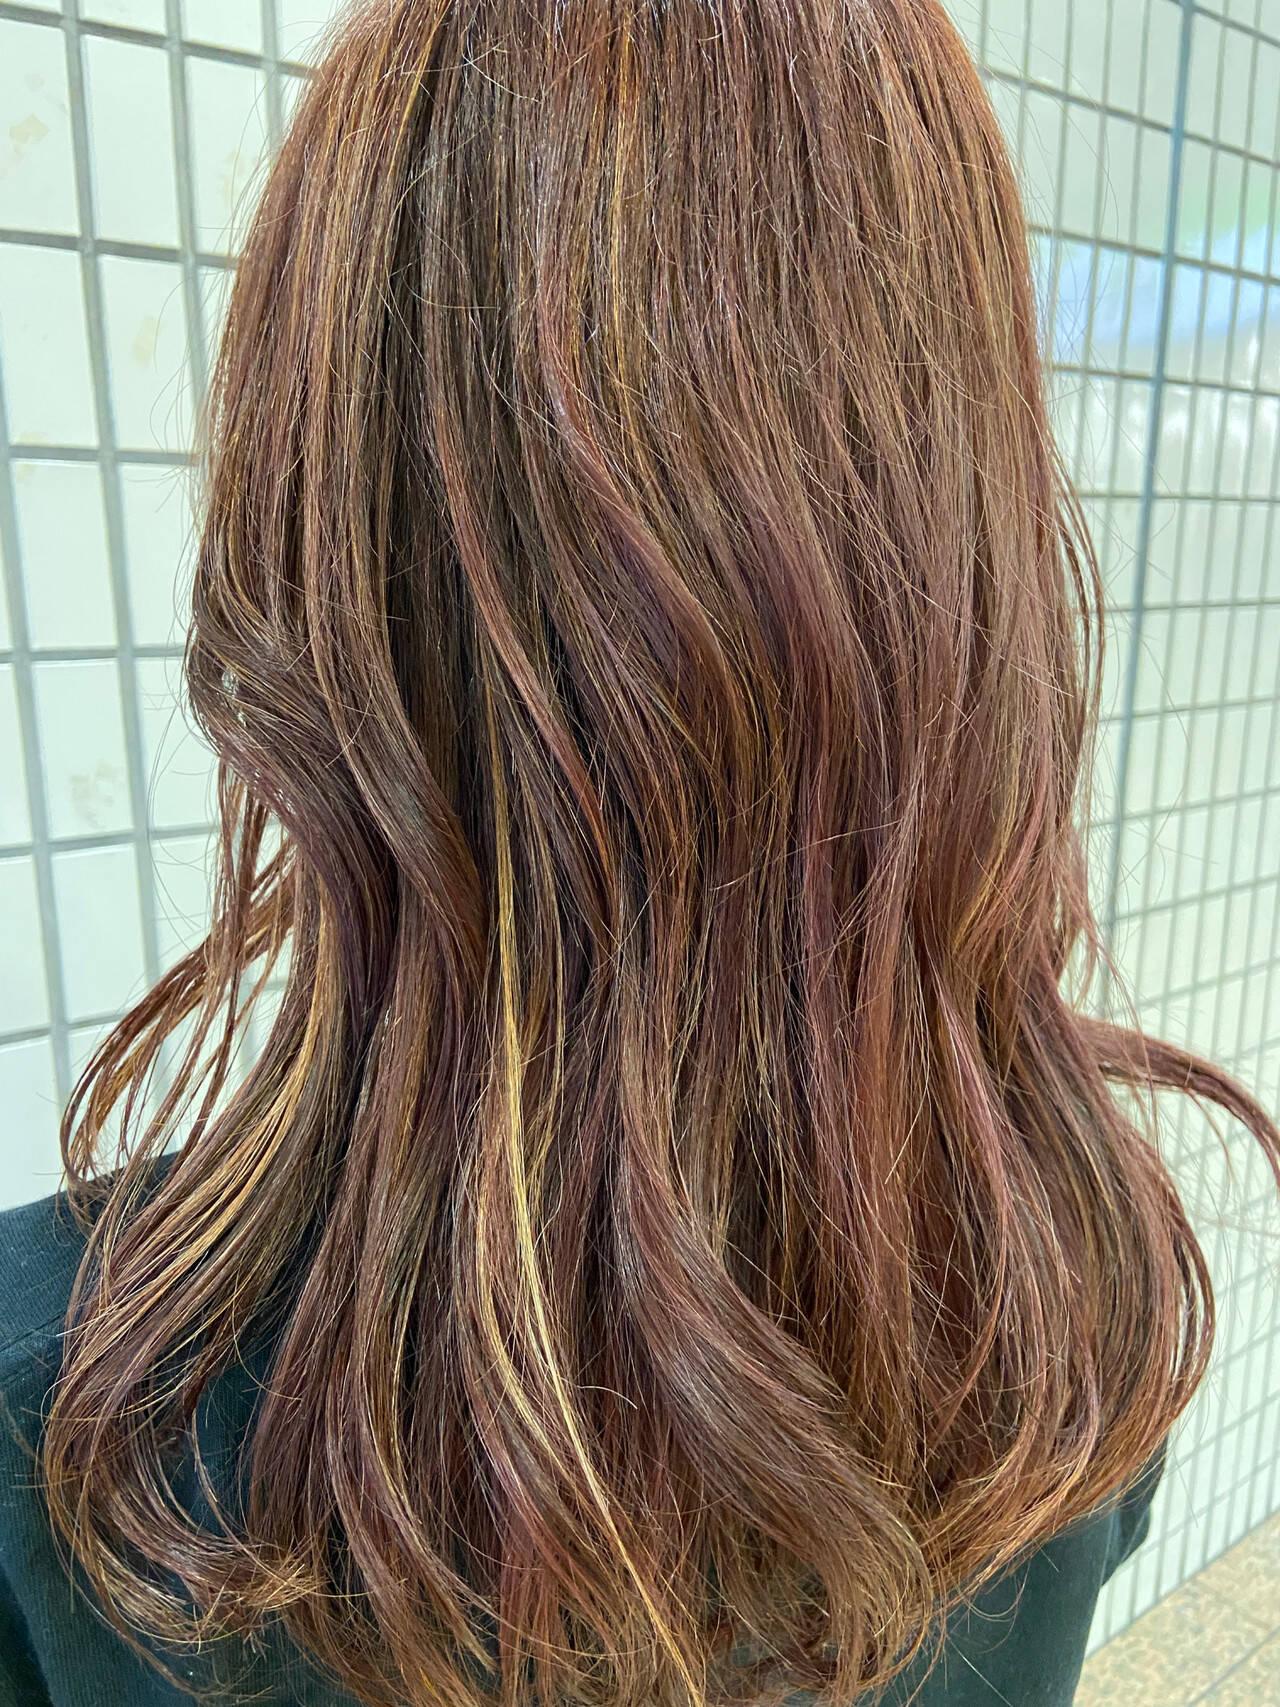 インナーカラー ハイライト 大人ハイライト ナチュラルヘアスタイルや髪型の写真・画像